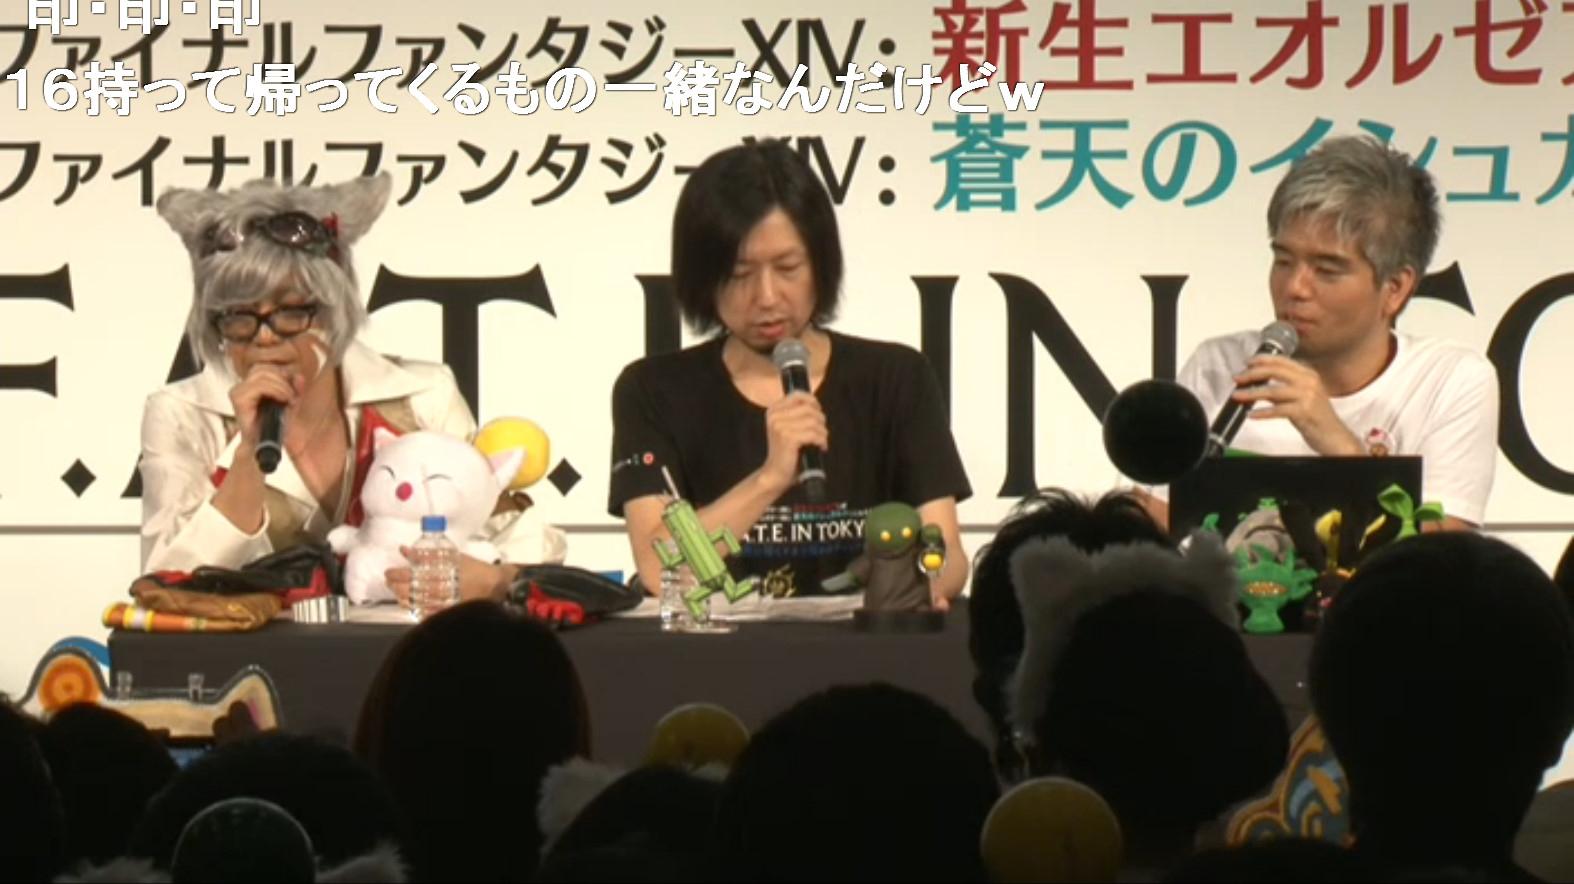 放送中にニコニコ生放送に寄せられた質問に吉田氏と前廣氏が答えていった